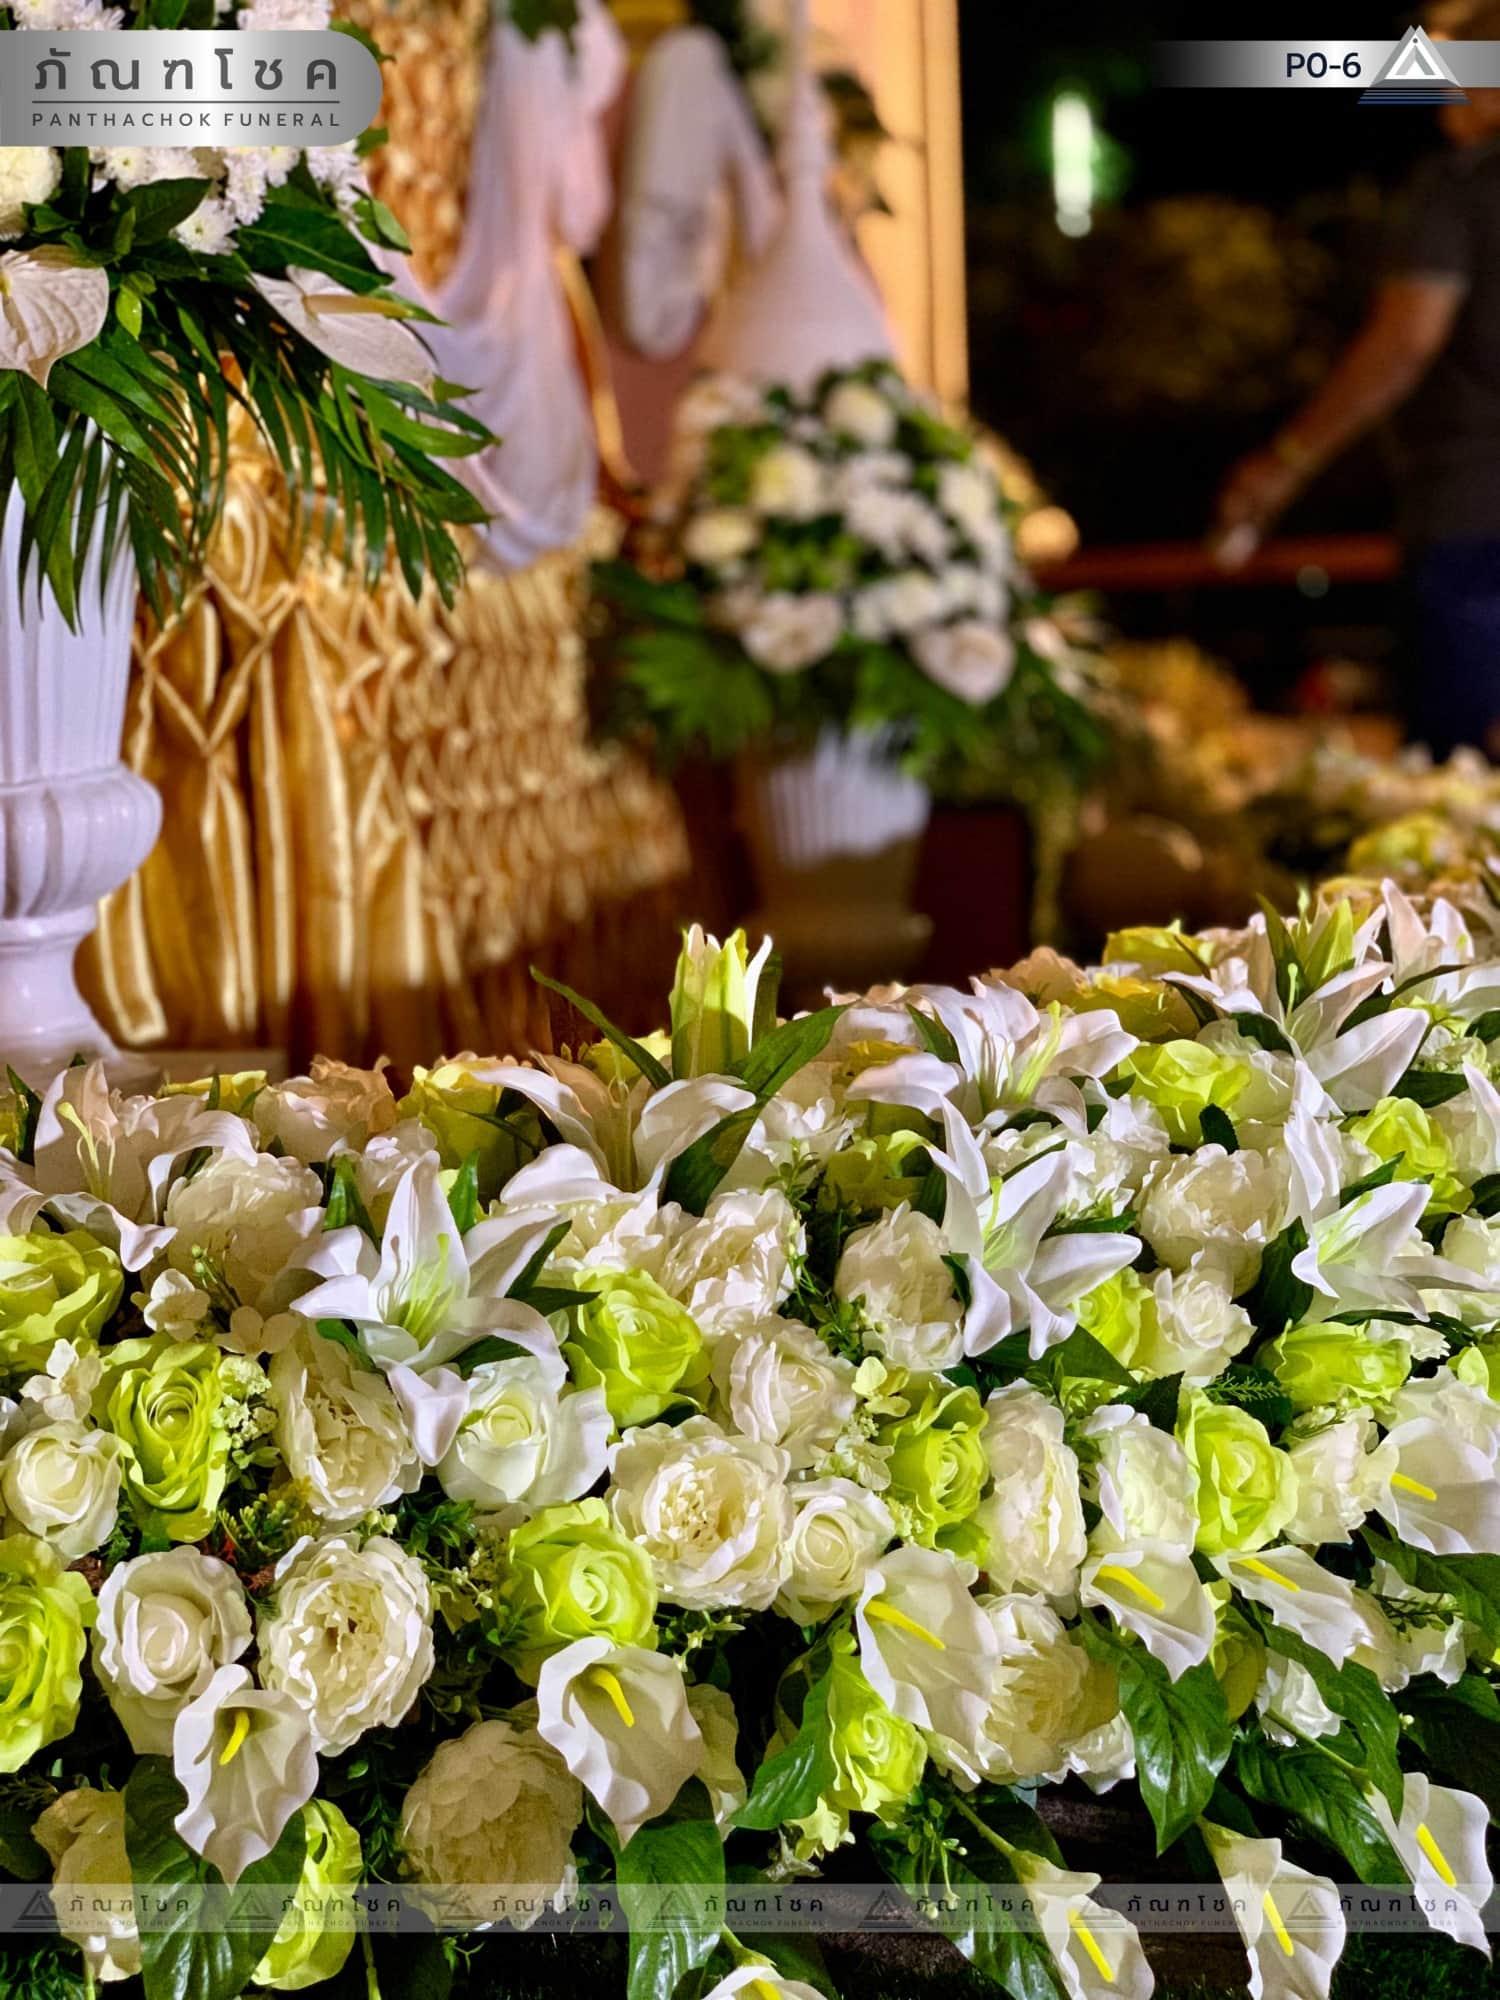 ดอกไม้ประดับเมรุ ชุด P0-6 179